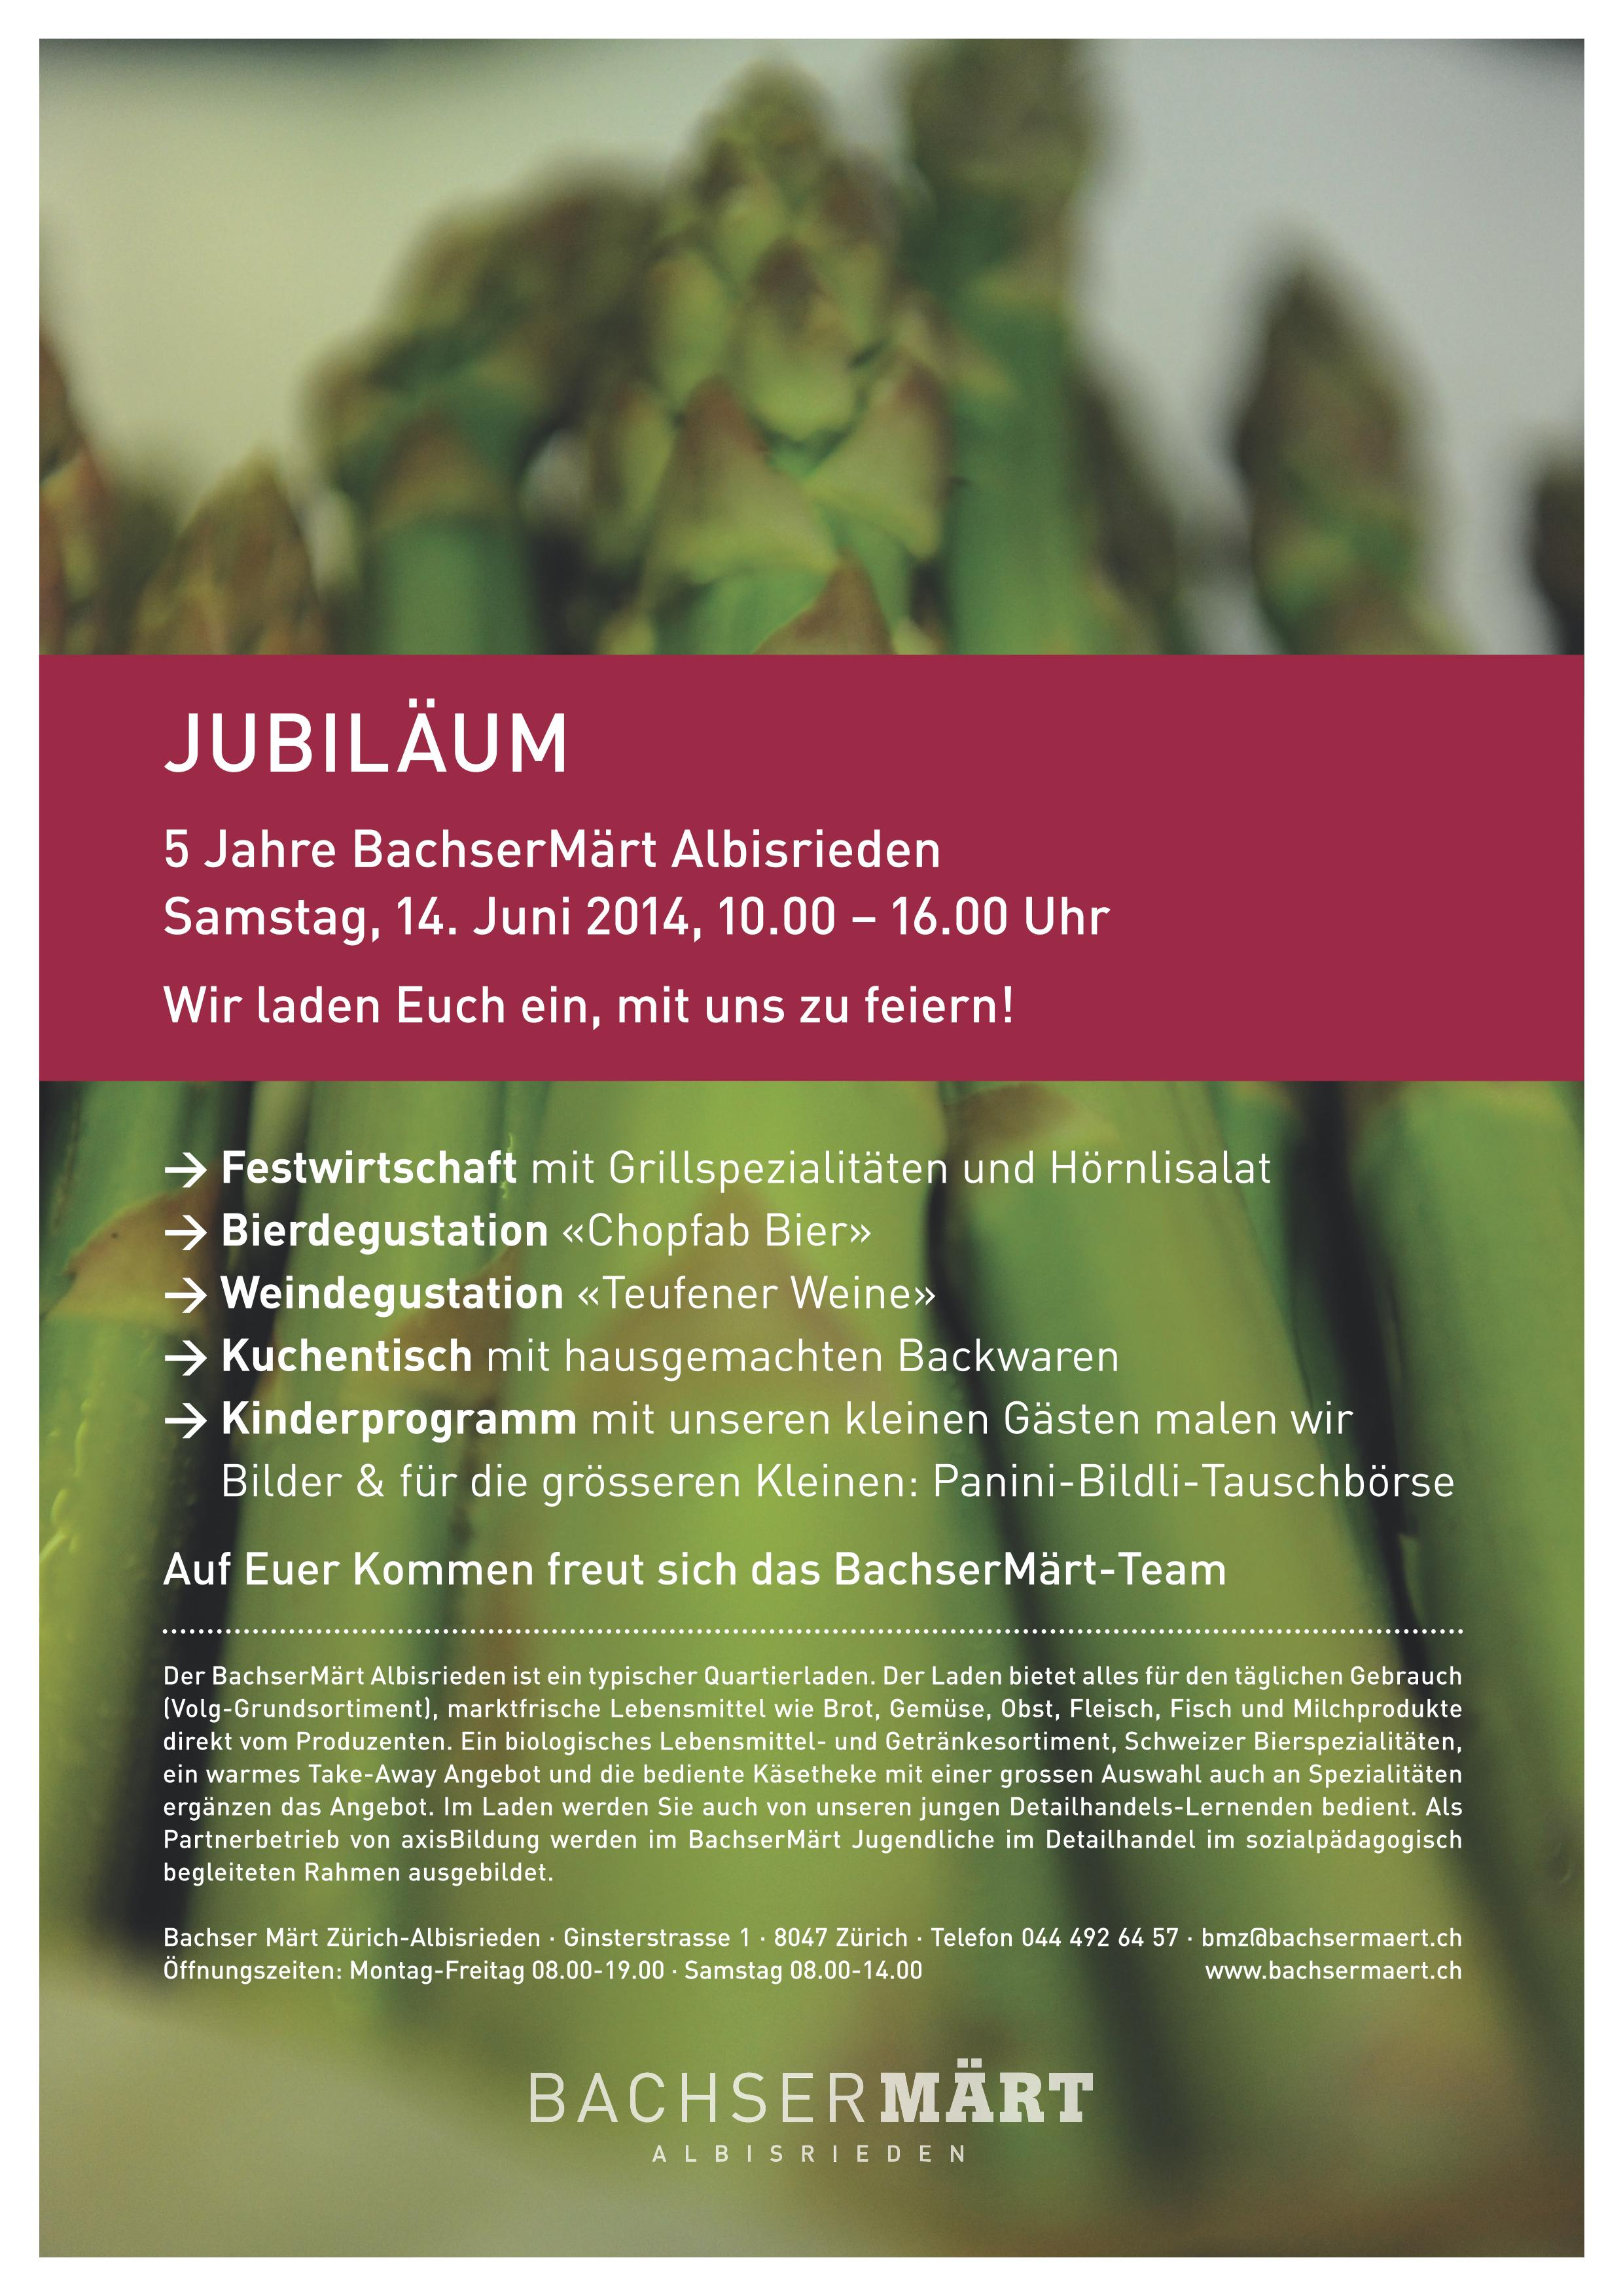 flyer-a4_bmz_jubi_2014_a_01